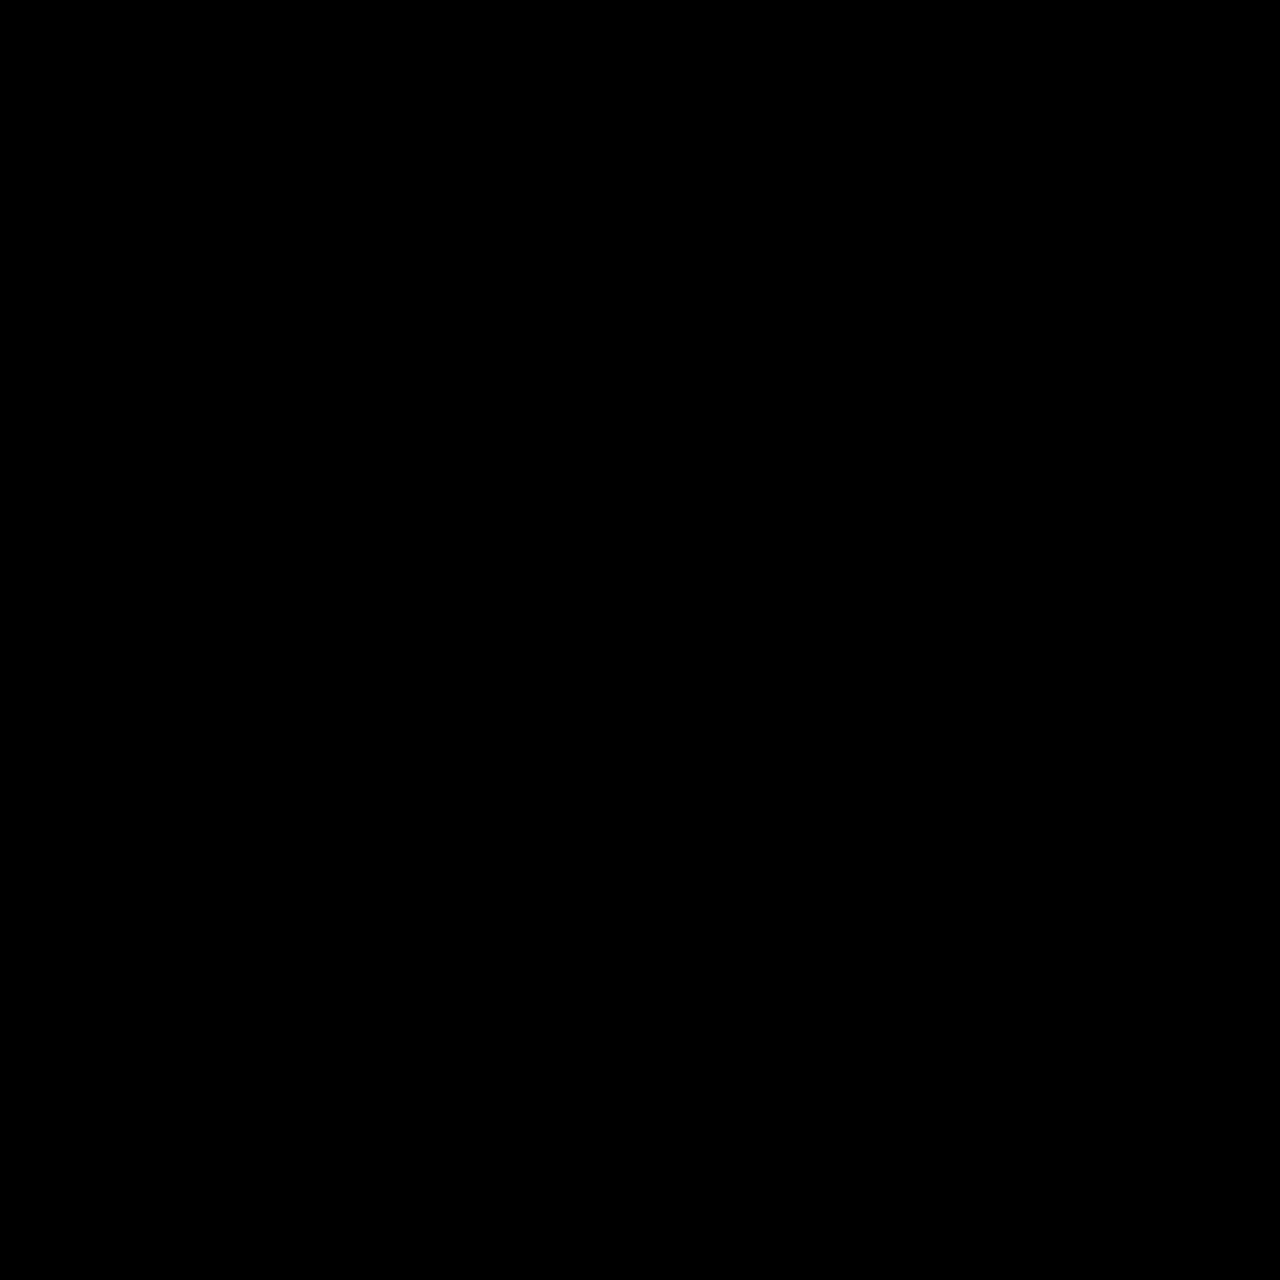 Proline PL-16 Black